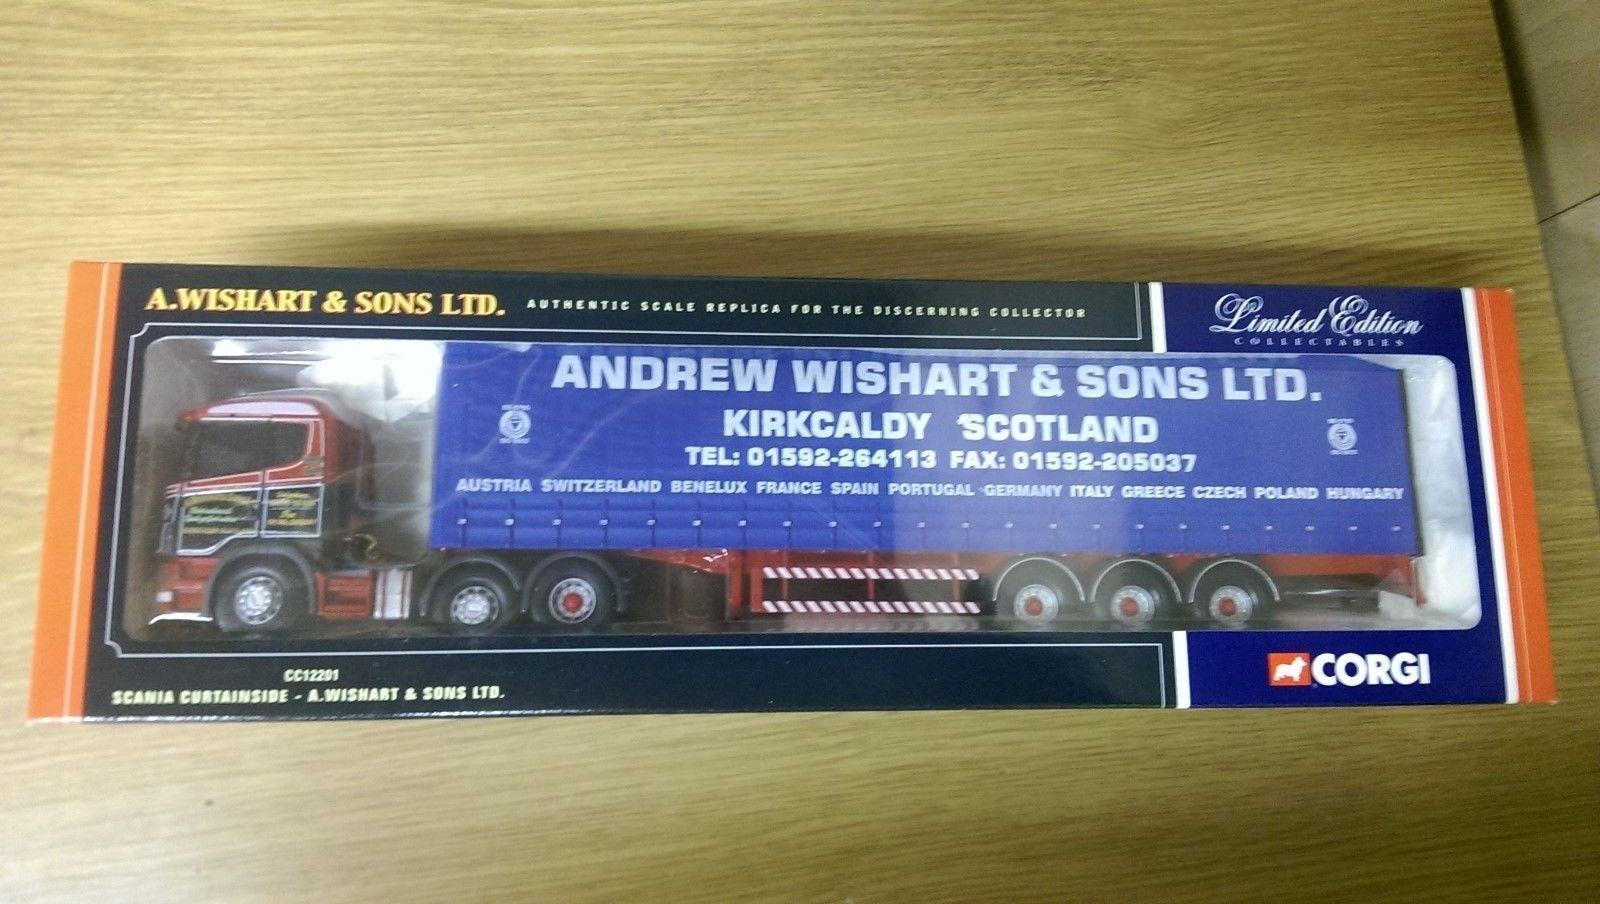 CORGI CC12201 Scania curtainside A. Wishart & Sons Ltd Edition No 0002 de 2700